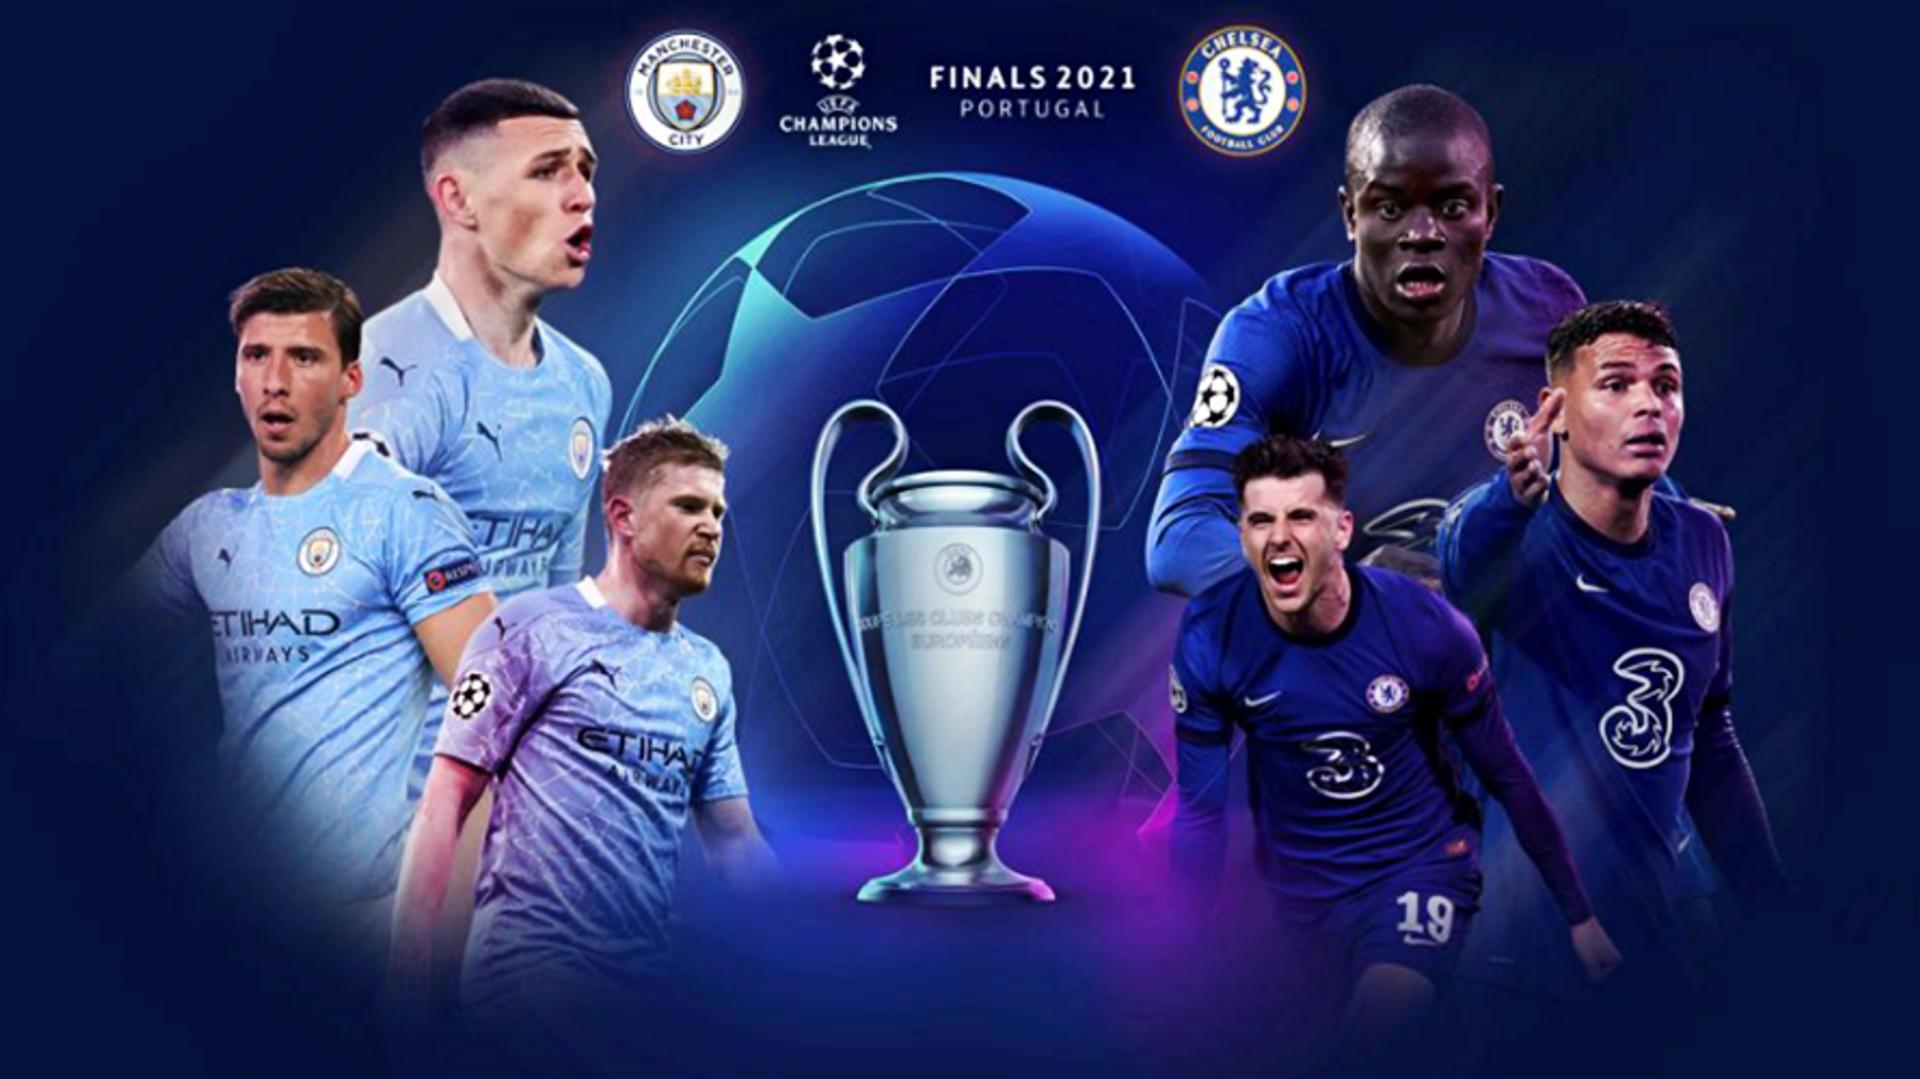 Финал Лиги чемпионов УЕФА 2021 - РИА Новости, 1920, 29.05.2021